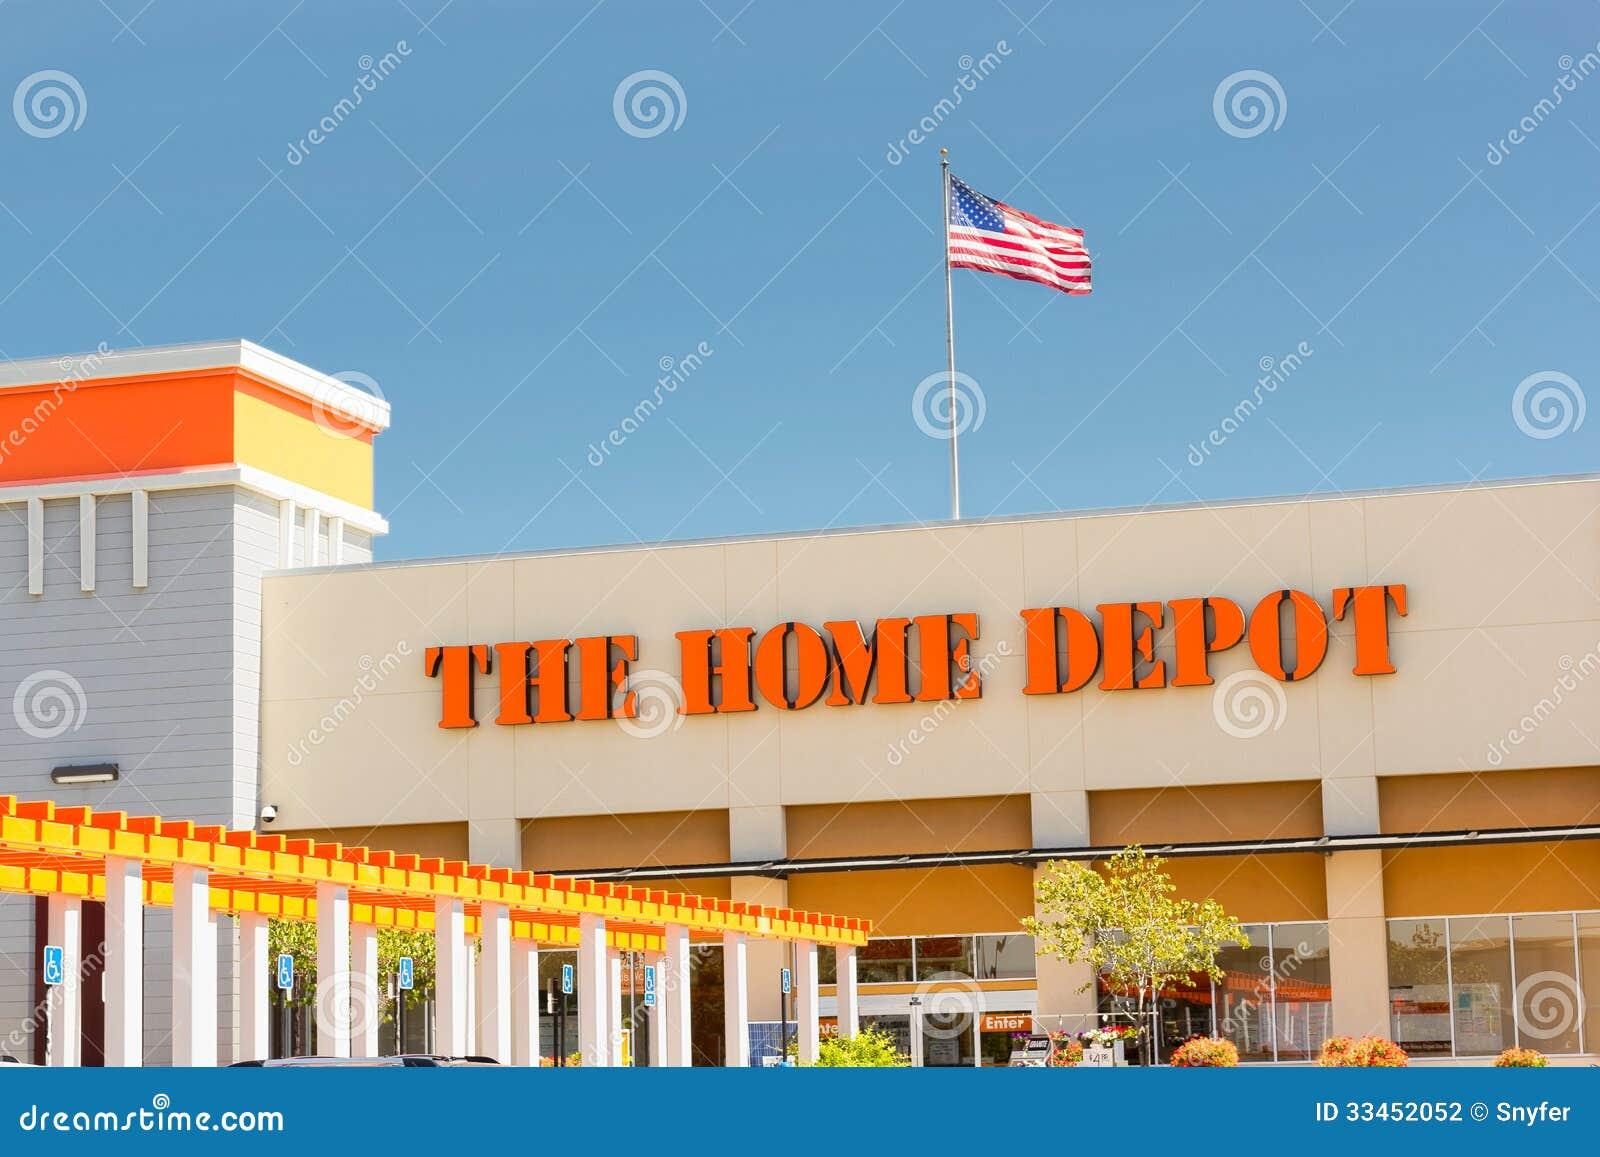 ΣΑΚΡΑΜΕΝΤΟ, ΗΠΑ - 5 ΣΕΠΤΕΜΒΡΊΟΥ: Η είσοδος καταστημάτων εγχώριων αποθηκών επάνω